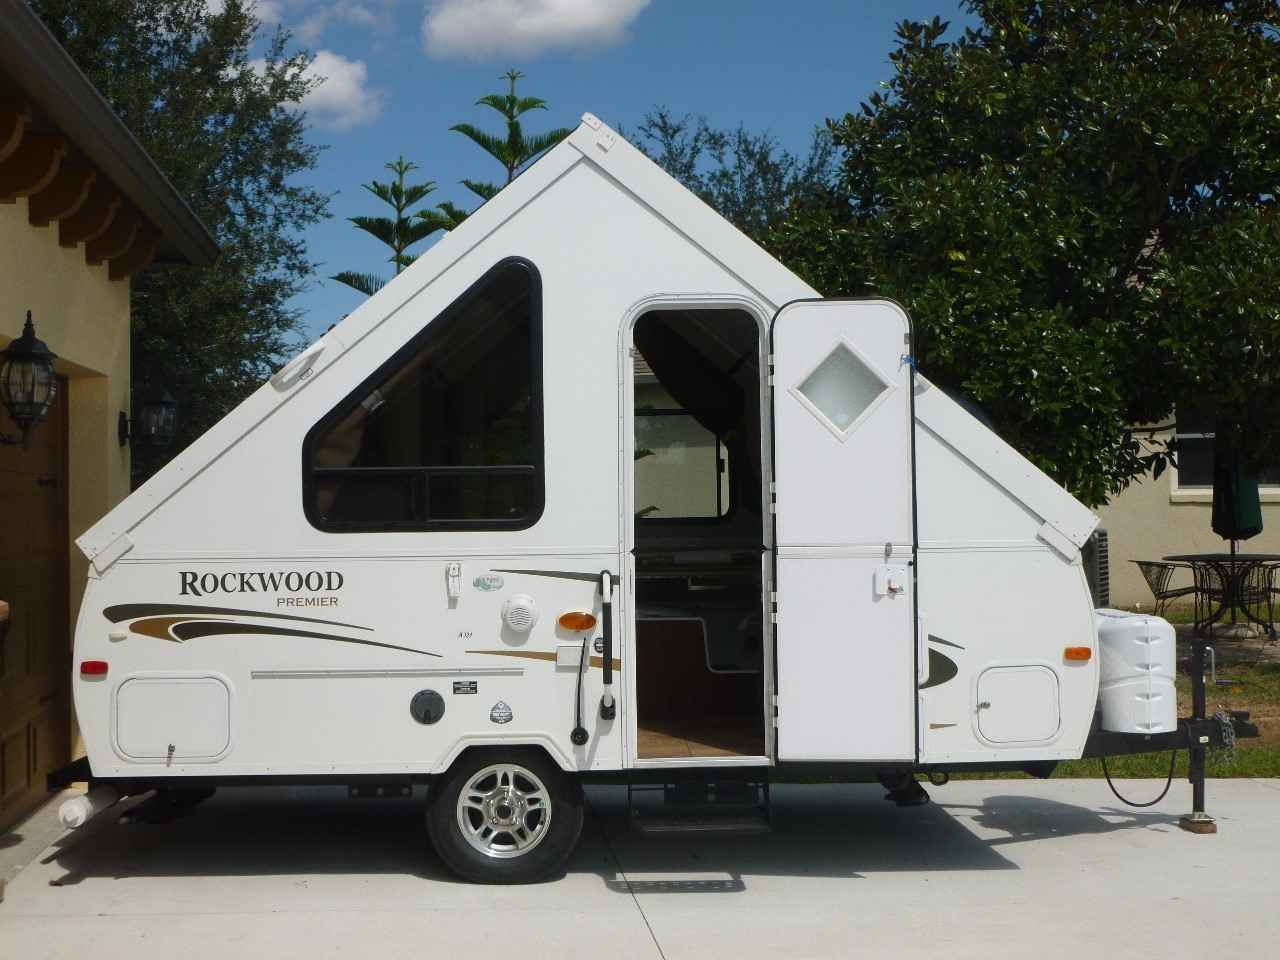 2012 Used Forest River Rockwood Premier A124 Pop Up Camper